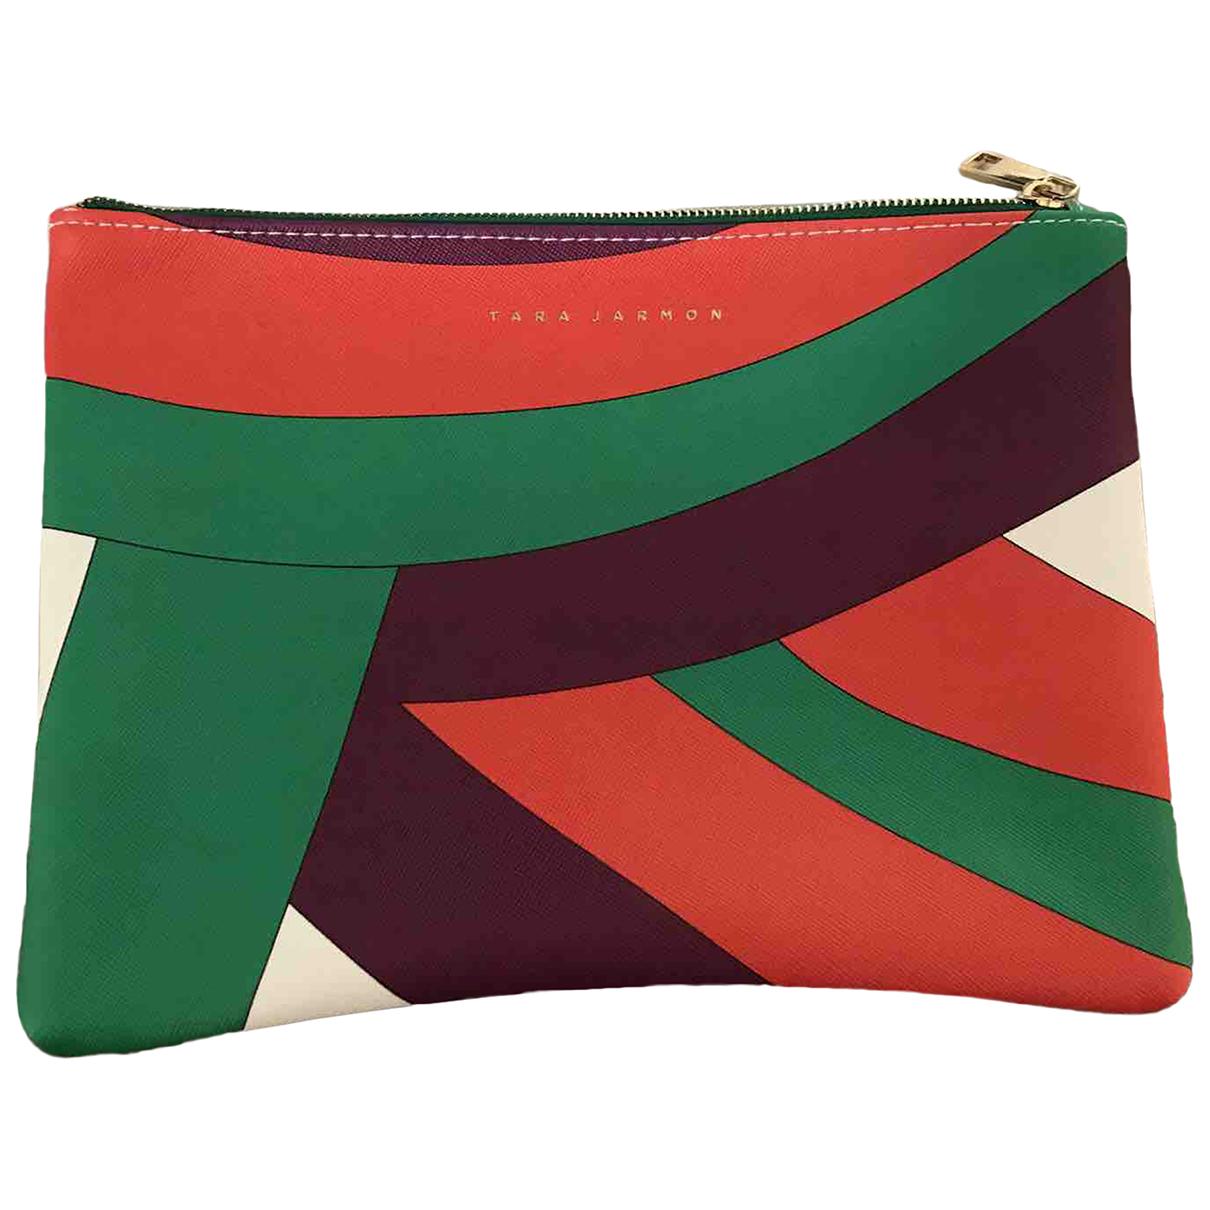 Bolsos clutch en Sintetico Multicolor Tara Jarmon